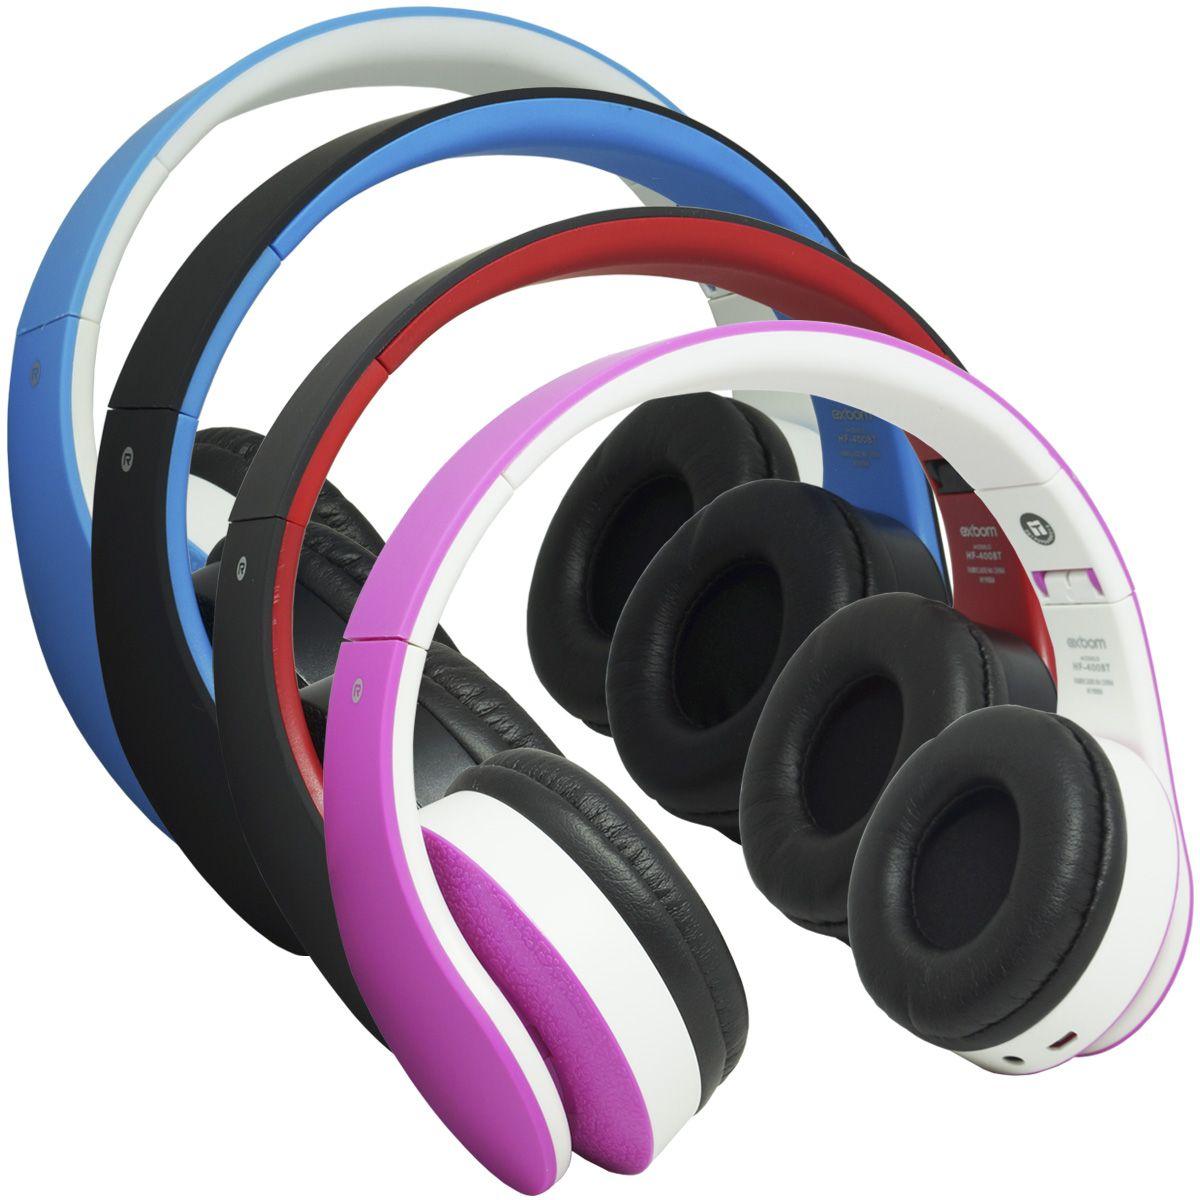 Fone Ouvido Headphone Bluetooth Sem Fio Dobrável Estéreo Fm Micro Sd Mp3 P2 Exbom HF-400BT